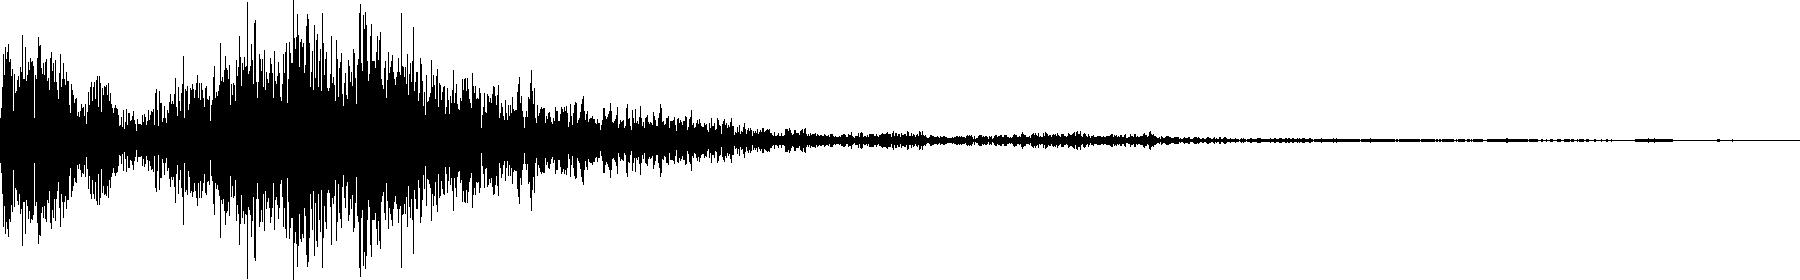 bluezone bc0210 tambourine 009